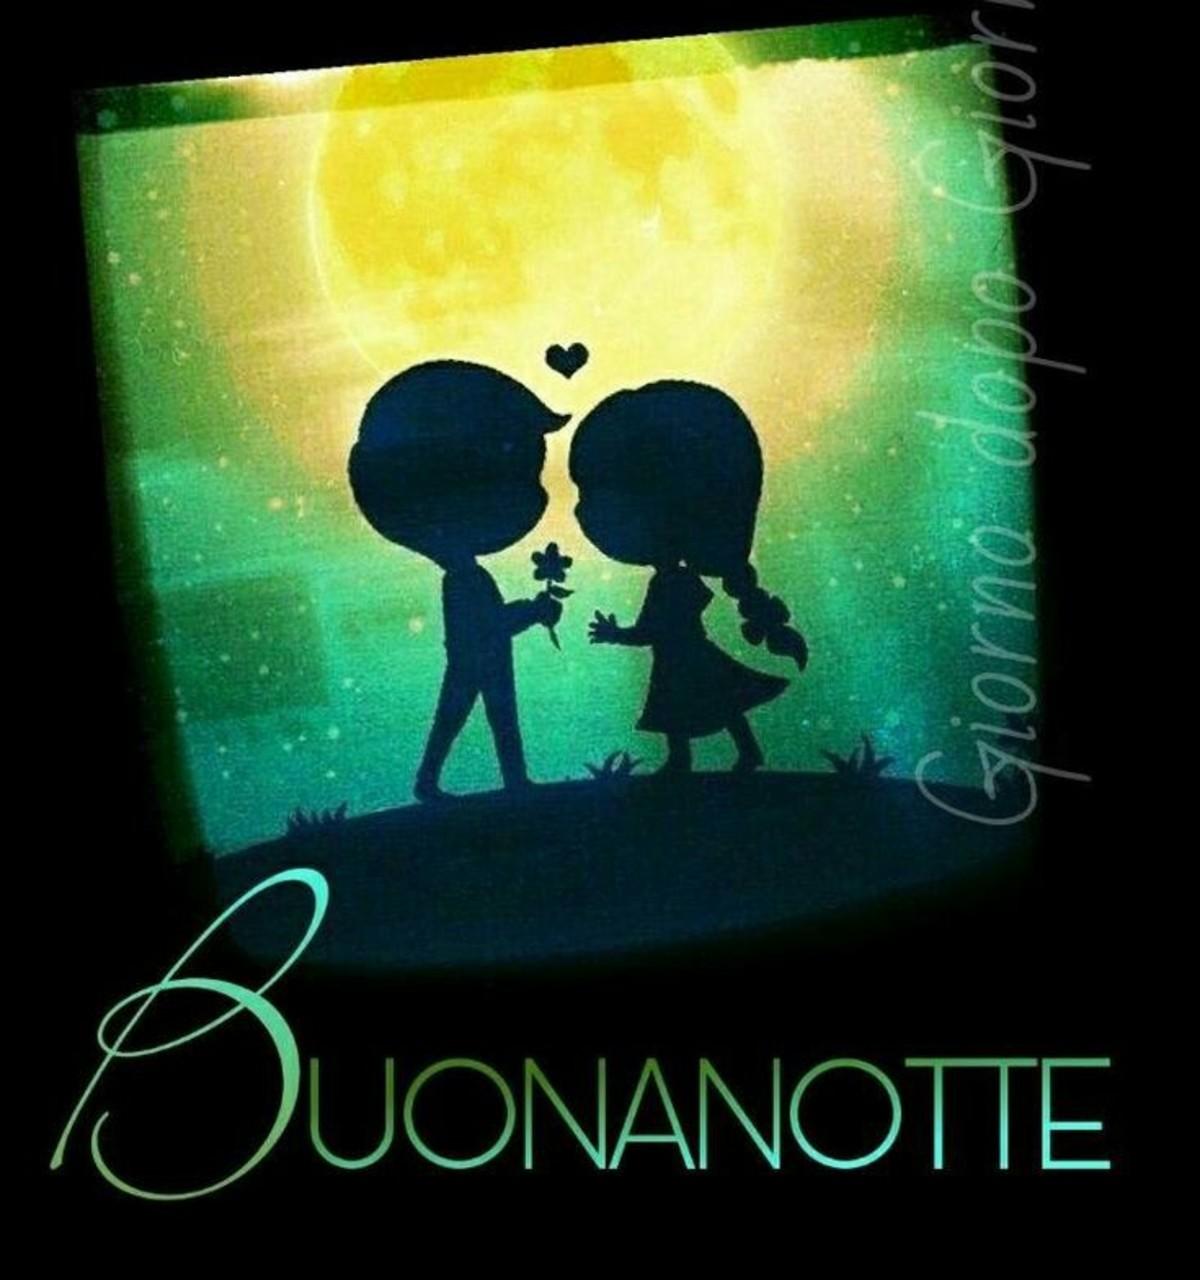 Immagini romantiche Buonanotte 2756